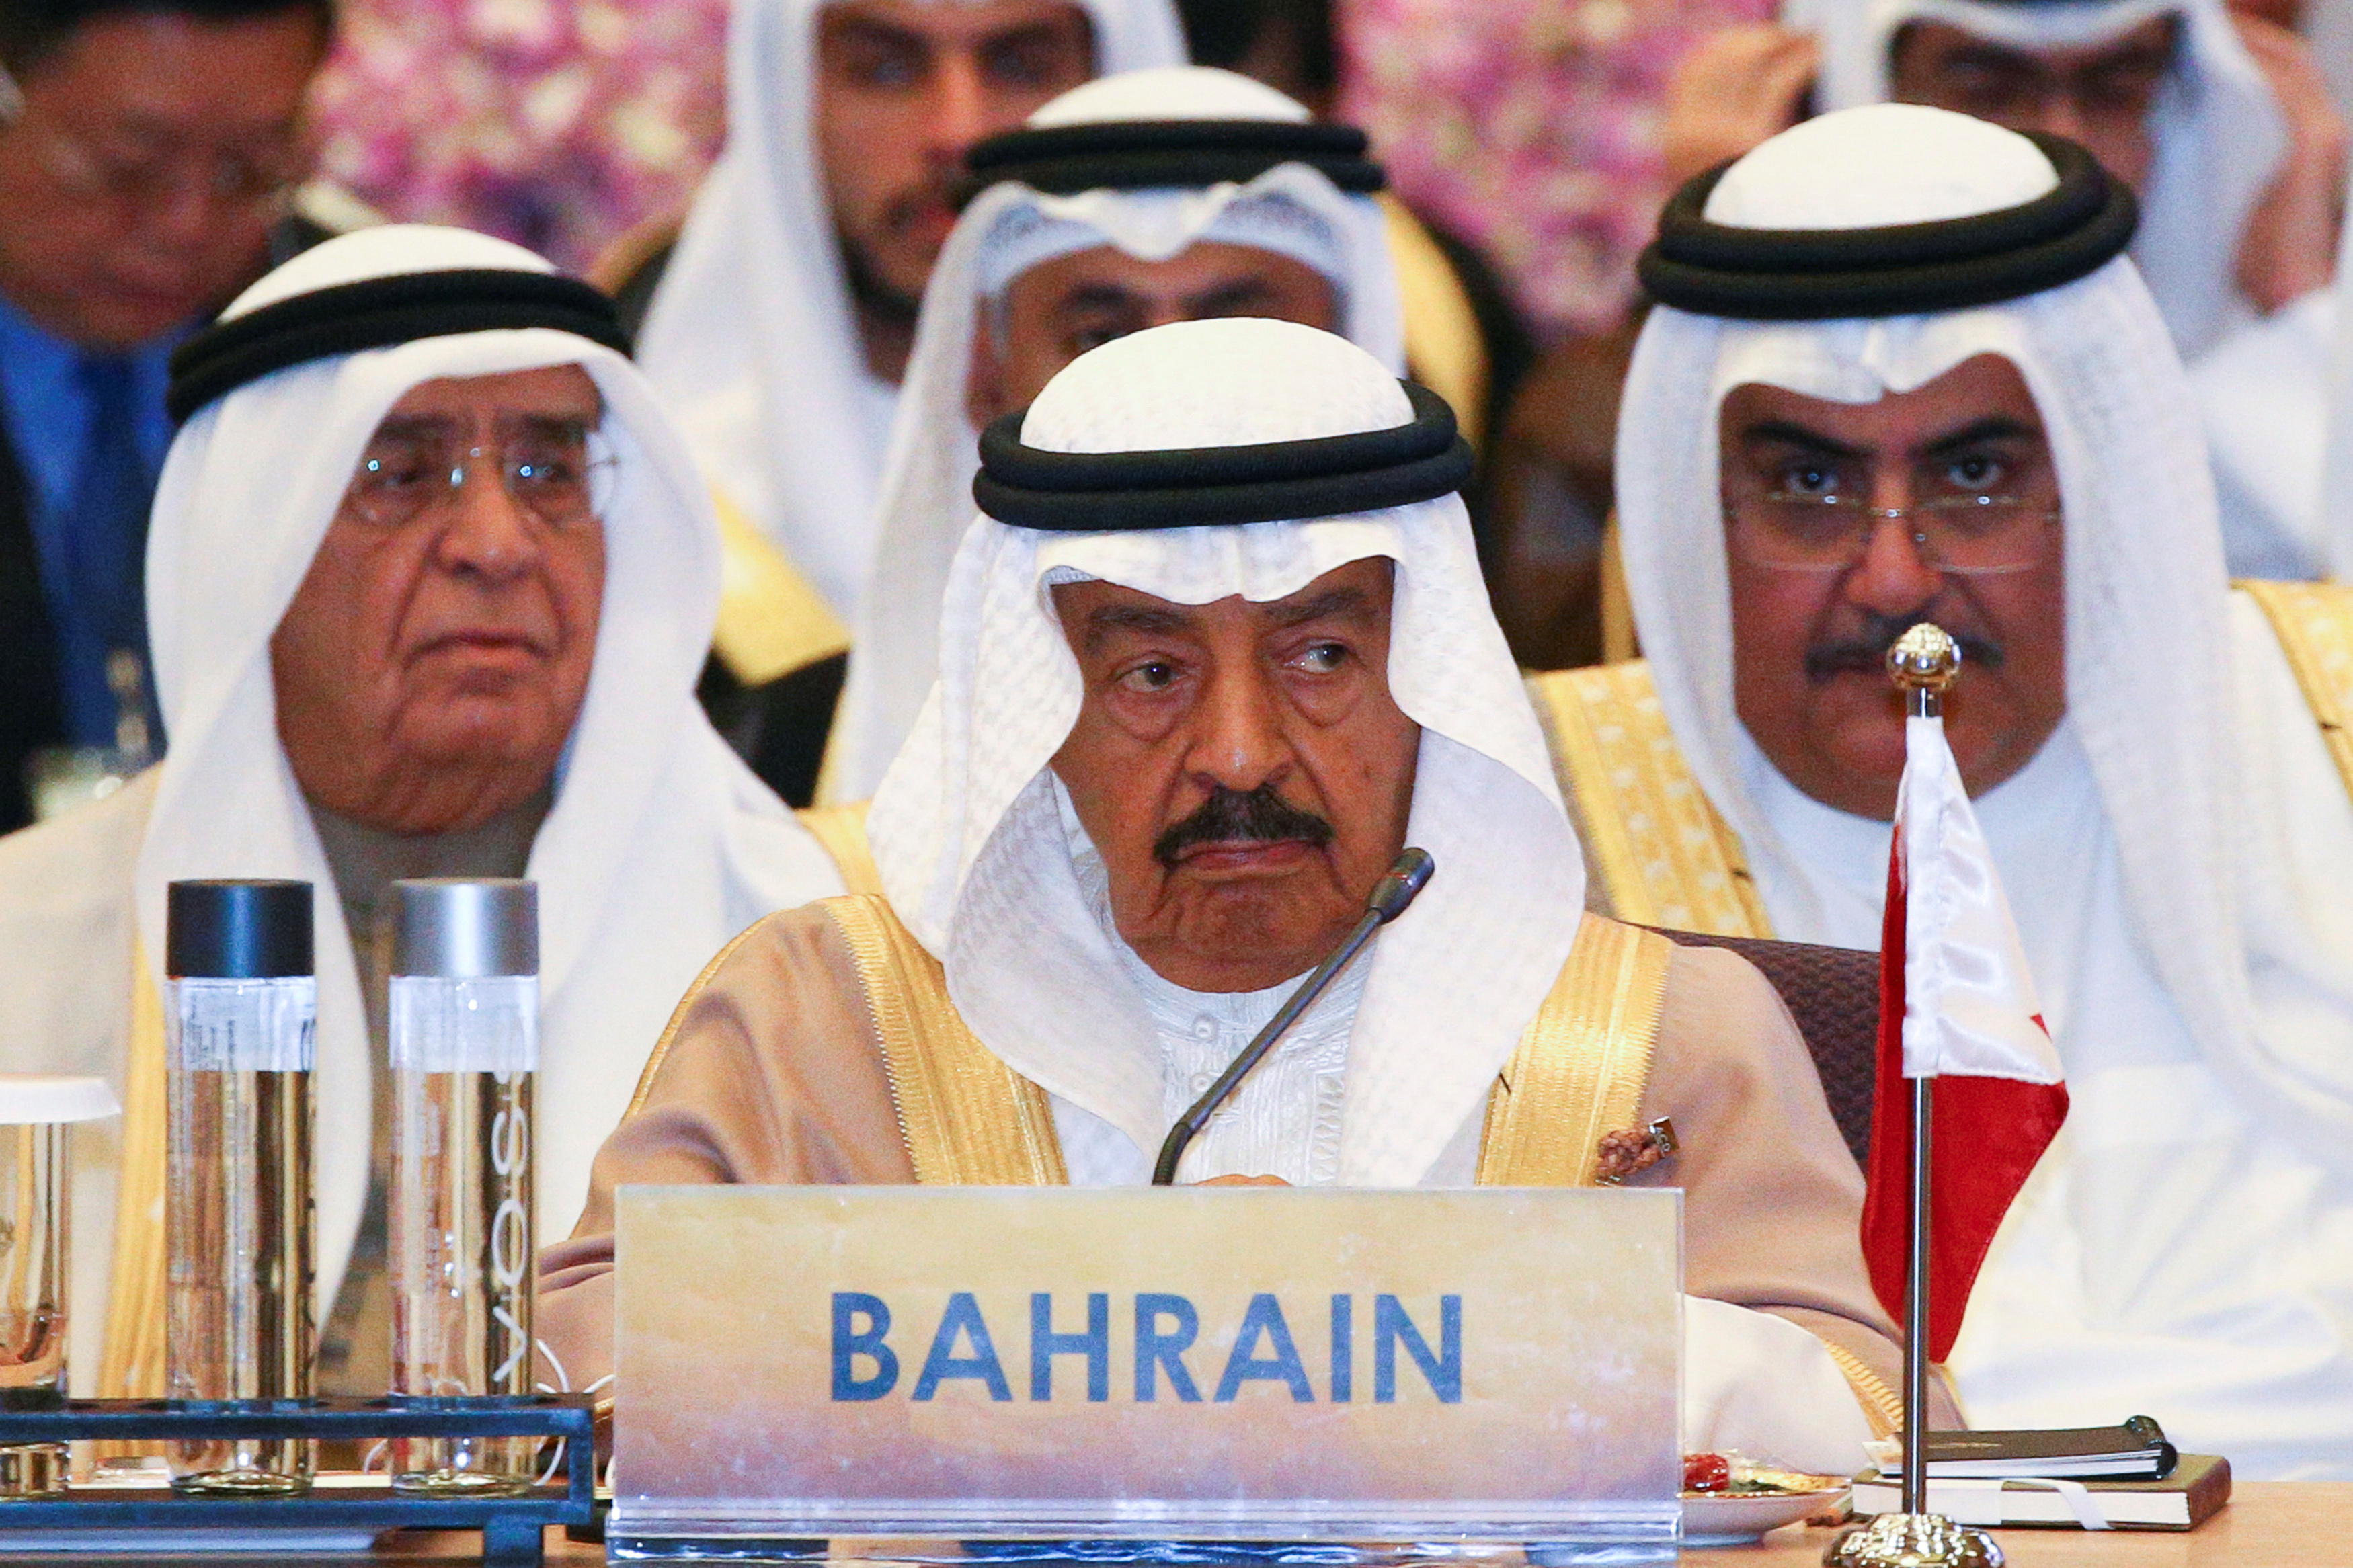 الديوان الملكي في البحرين أعلن عن وفاة رئيس الوزراء الشيخ خليفة بن سلمان آل خليفة